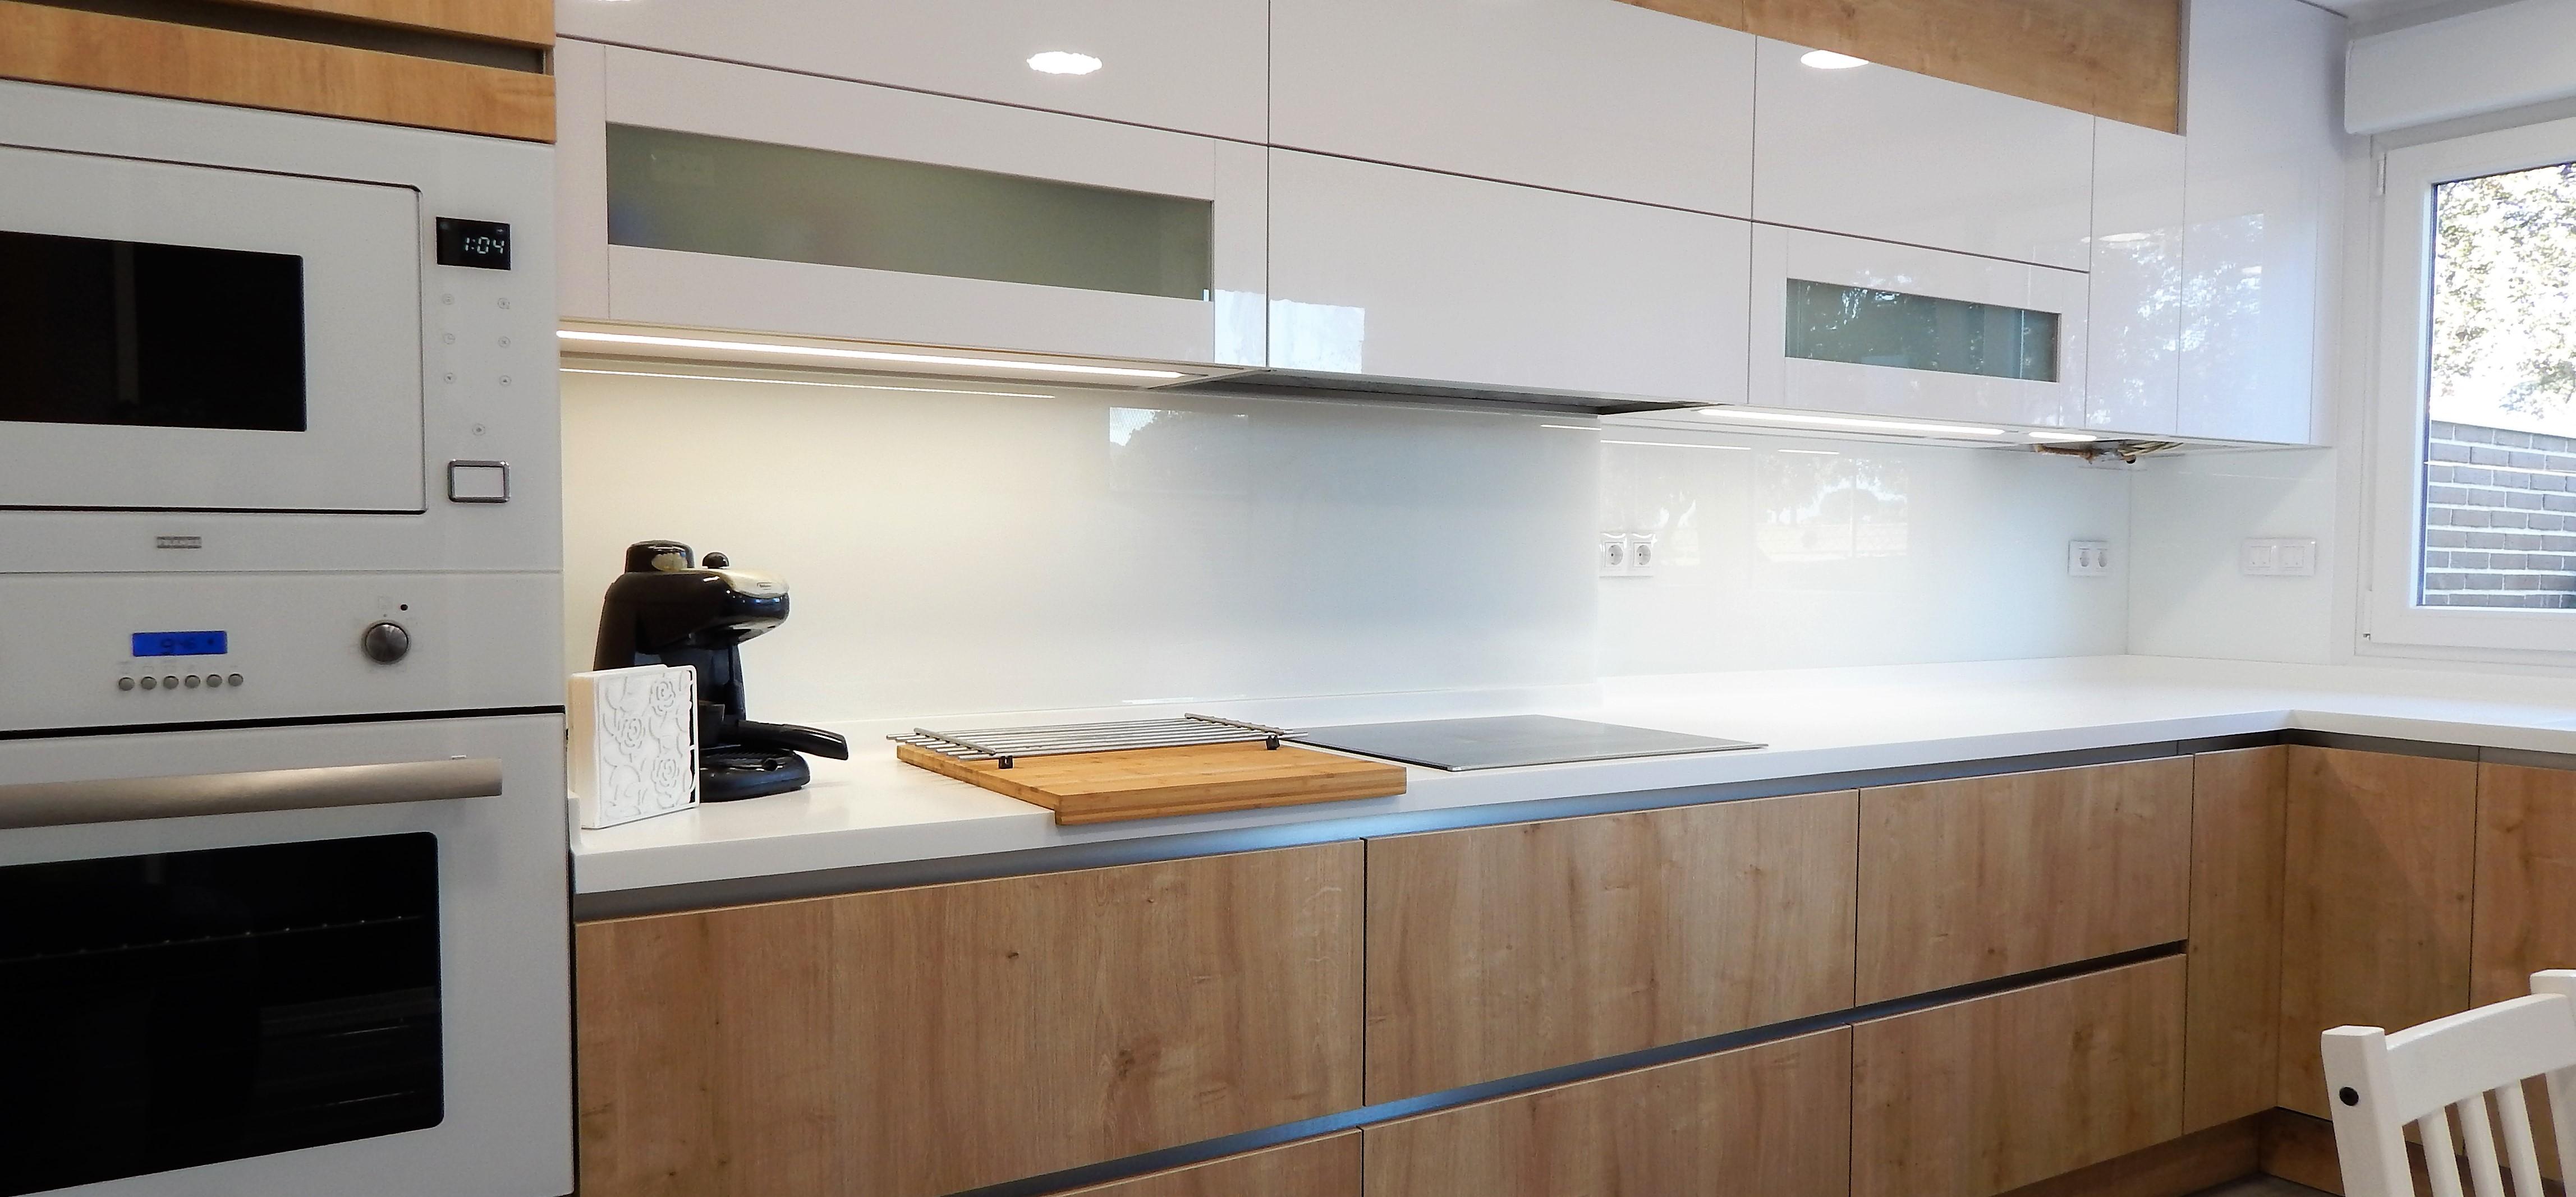 Muebles de cocina en madera de roble y blanco for Cocinas de madera de roble